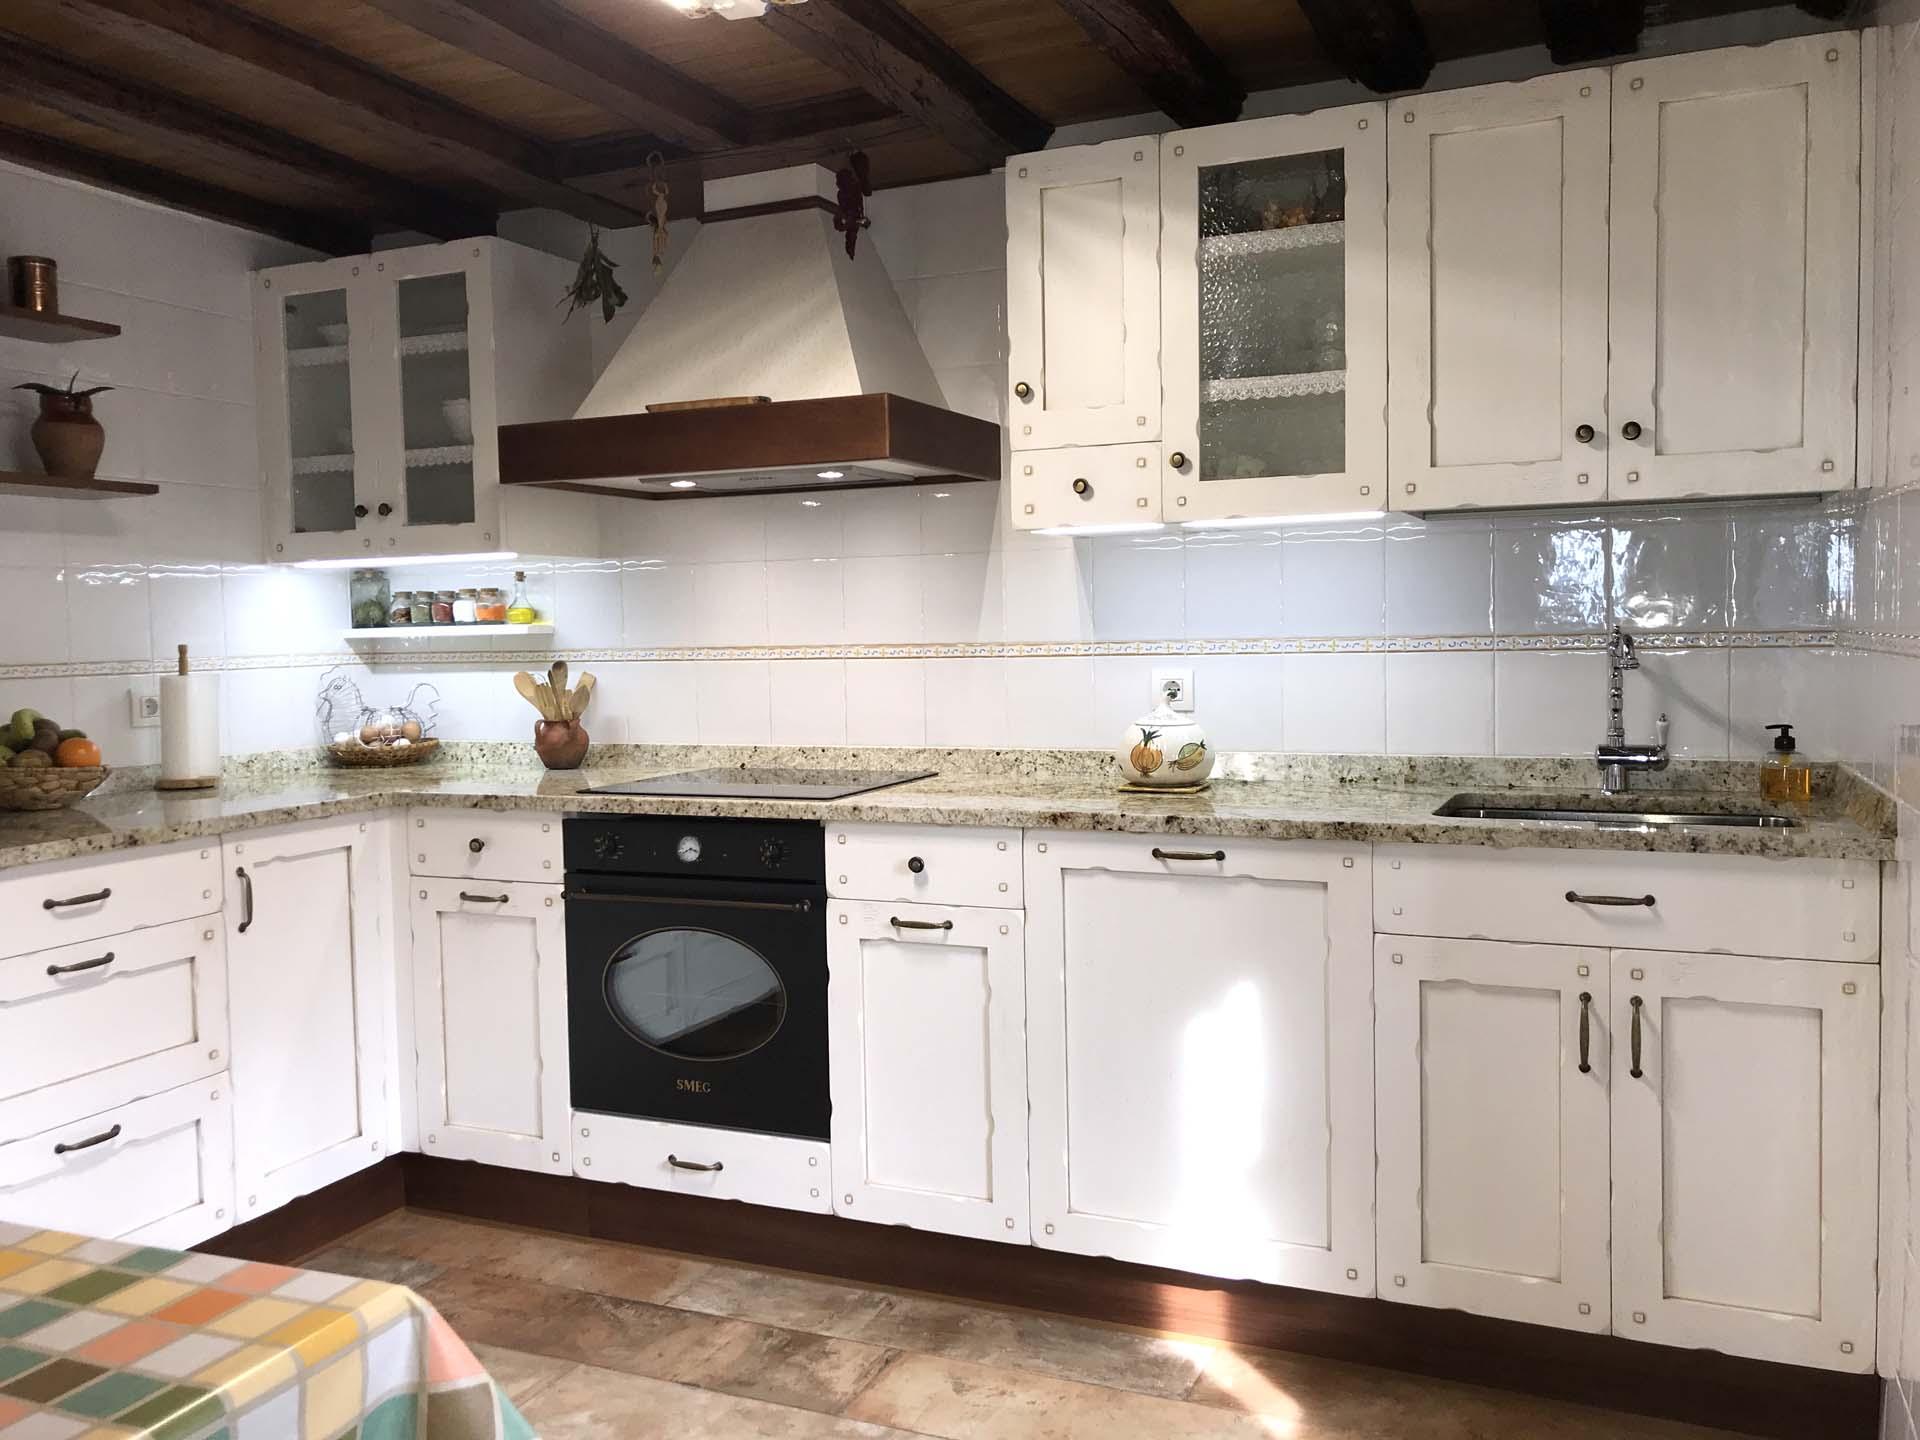 Cocina en madera de roble modelo Castilla - Arnit